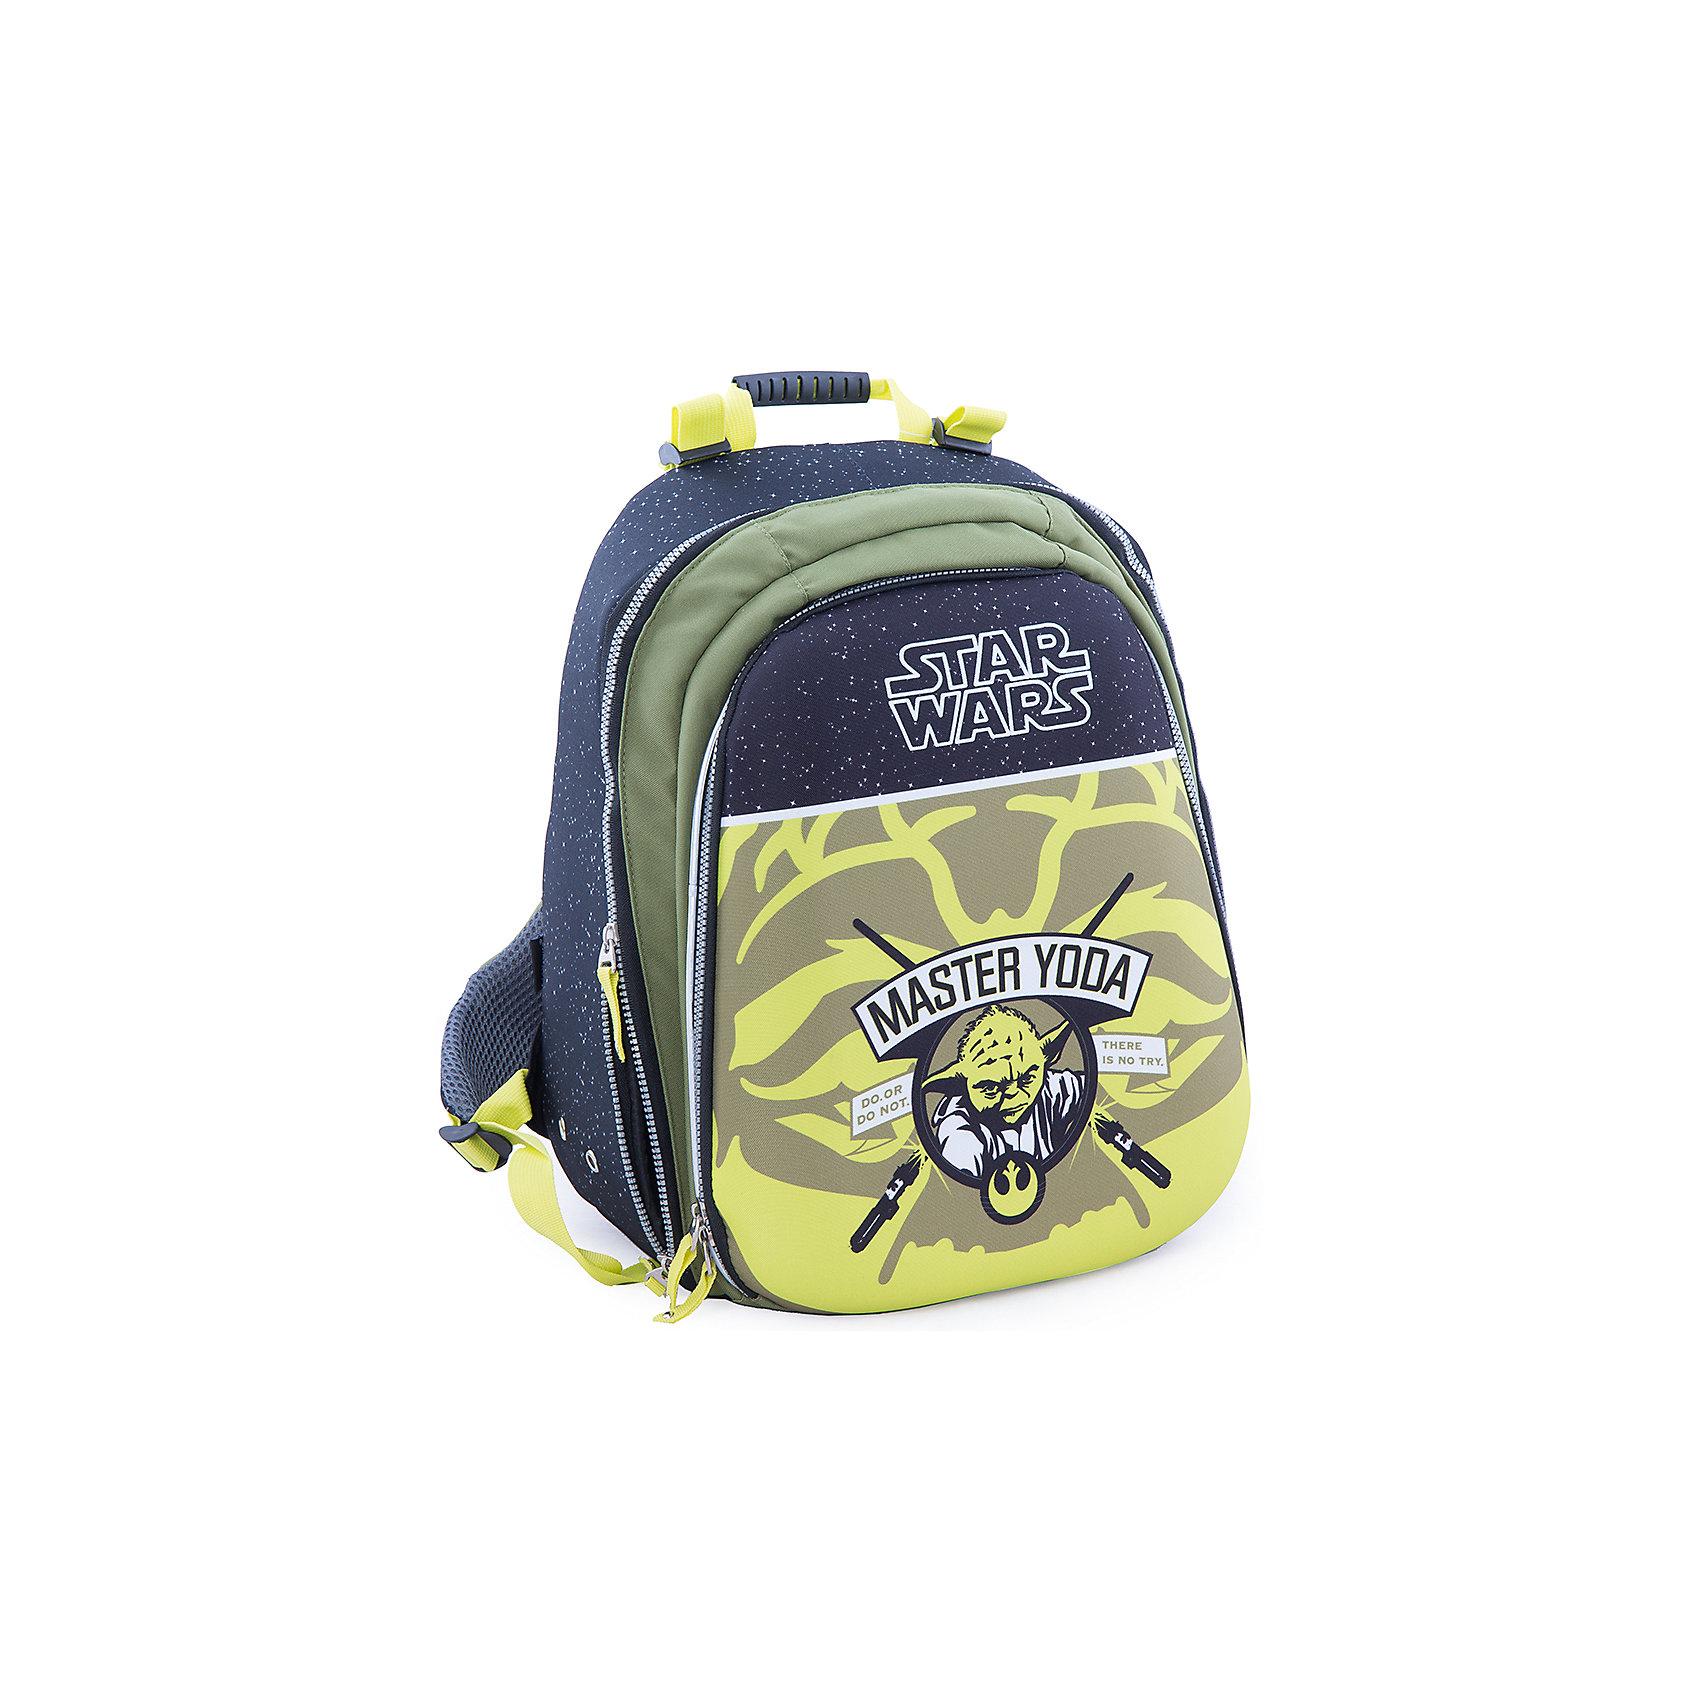 Эргономичный рюкзак Магистр Йода, Звездные войныЗвездные войны Товары для школы<br>Рюкзак с эргономичной спинкой Магистр Йода, Звездные войны – это вместительный рюкзак, отличный подарок поклонникам вселенной Star Wars!<br>Удобный рюкзак с эргономичной спинкой выполнен из полиэстера зеленого и черного цветов и оформлен оригинальным рисунком с изображением Мастера Йоды. Твердая спинка рюкзака с мягкими анатомическими вставками выполнена из воздухопроницаемого материала. Широкие мягкие регулируемые анатомические лямки позволяют снизить нагрузку на плечи. Имеется удобная ручка для переноски и светоотражающие вставки. Рюкзак оснащен одним основным отделением, закрывающимся на застежку-молнию. На внешней стороне расположен вместительный накладной карман на застежке-молнии, содержащий шесть накладных кармашков, а также два кармашка для ручек и карандашей.<br><br>Дополнительная информация:<br><br>- Материал: полиэстер<br>- Размер: 42 х 30 х 23 см.<br>- Вес: 955 гр.<br><br>Рюкзак с эргономичной спинкой Магистр Йода, Звездные войны можно купить в нашем интернет-магазине.<br><br>Ширина мм: 420<br>Глубина мм: 23<br>Высота мм: 30<br>Вес г: 1348<br>Возраст от месяцев: 72<br>Возраст до месяцев: 204<br>Пол: Мужской<br>Возраст: Детский<br>SKU: 4426624